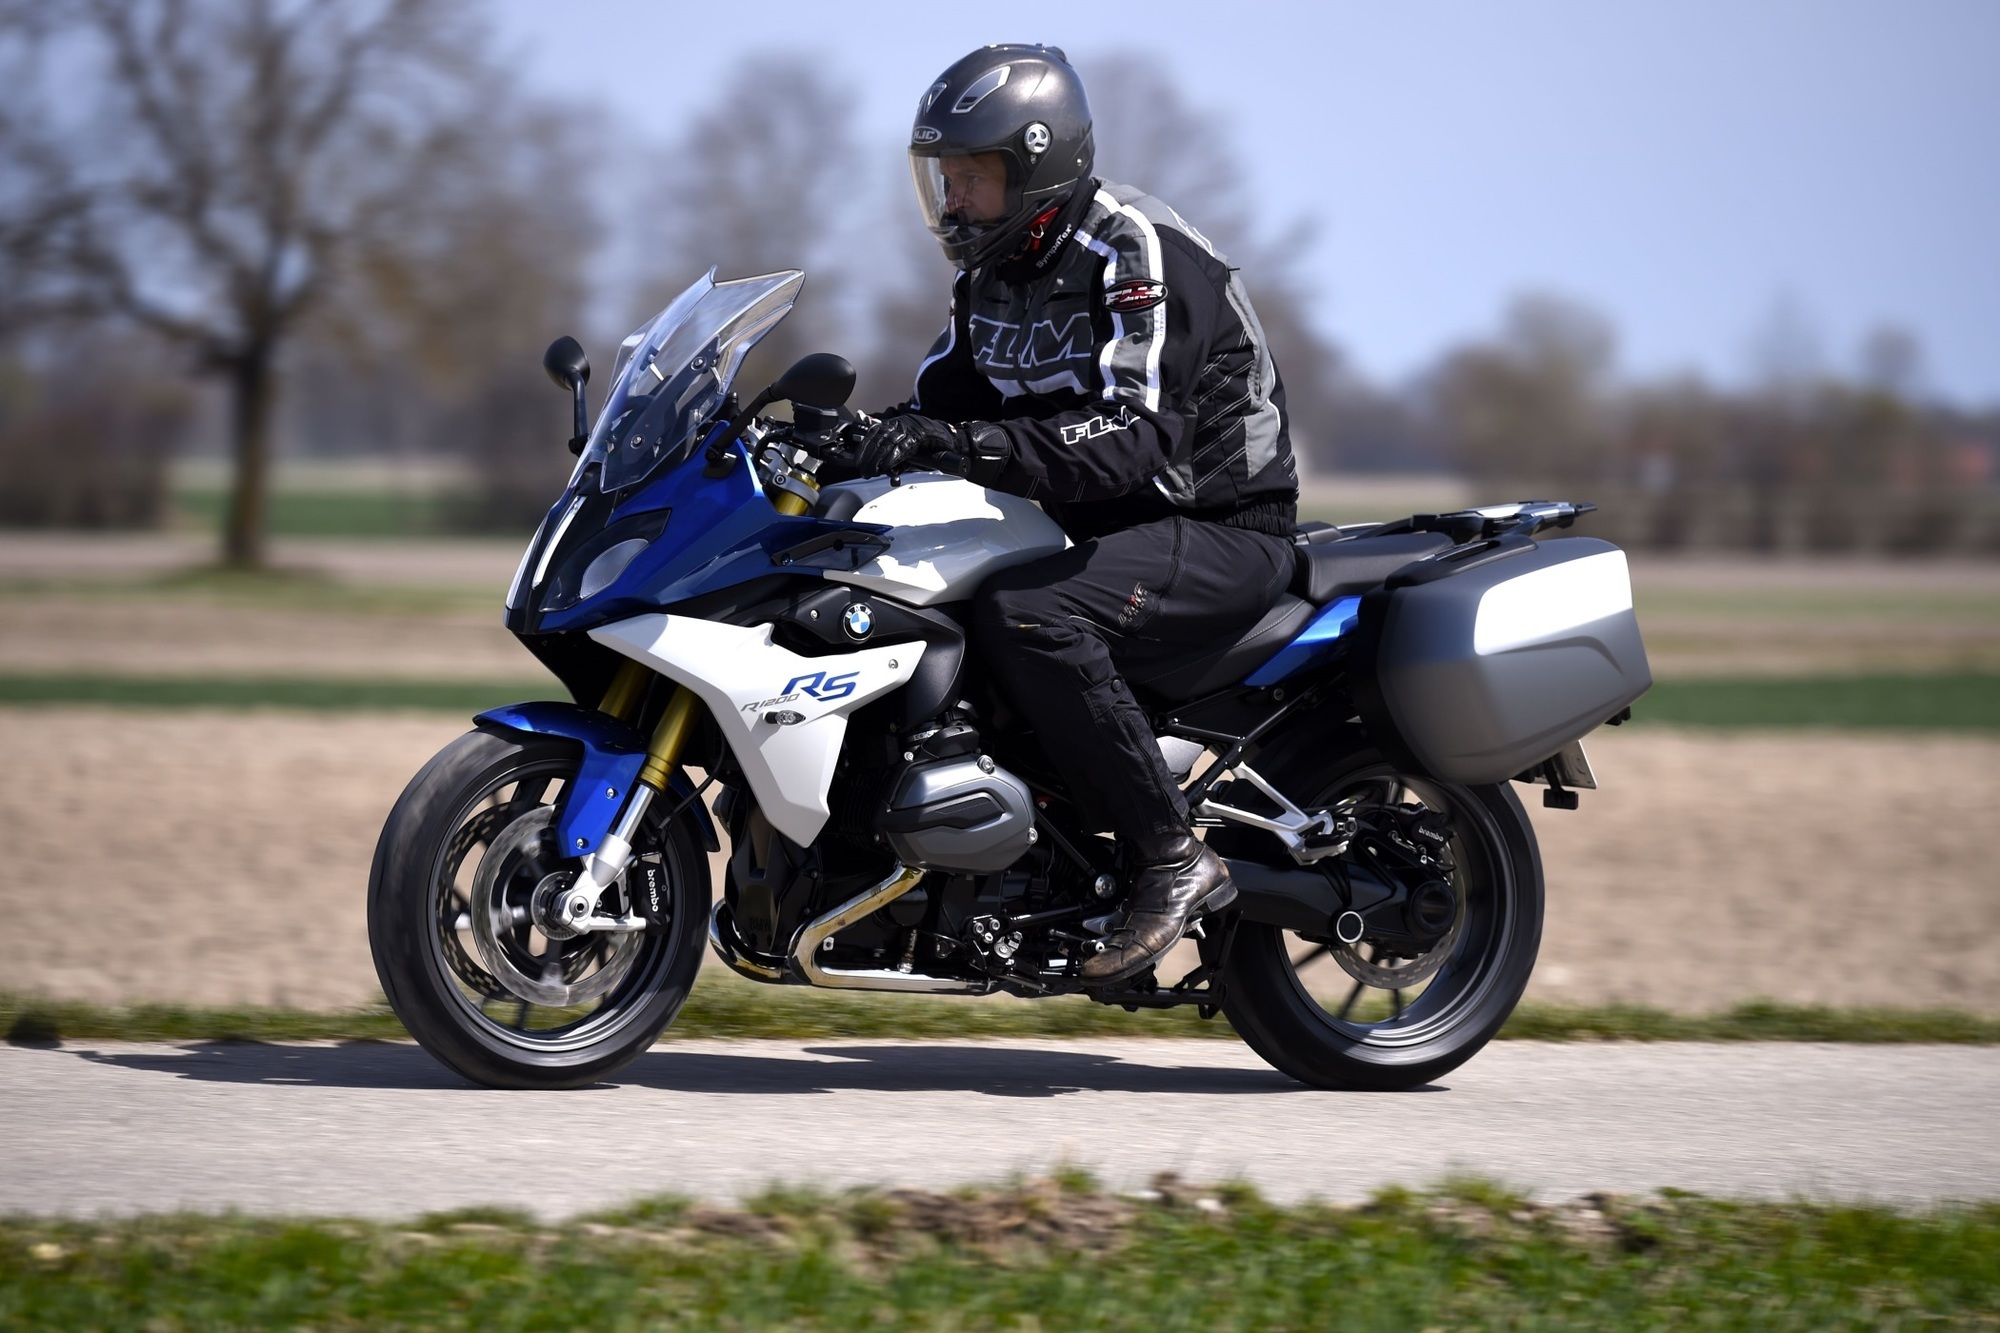 Fahrbericht BMW R 1200 RS - GT auf zwei Rädern heißt RS